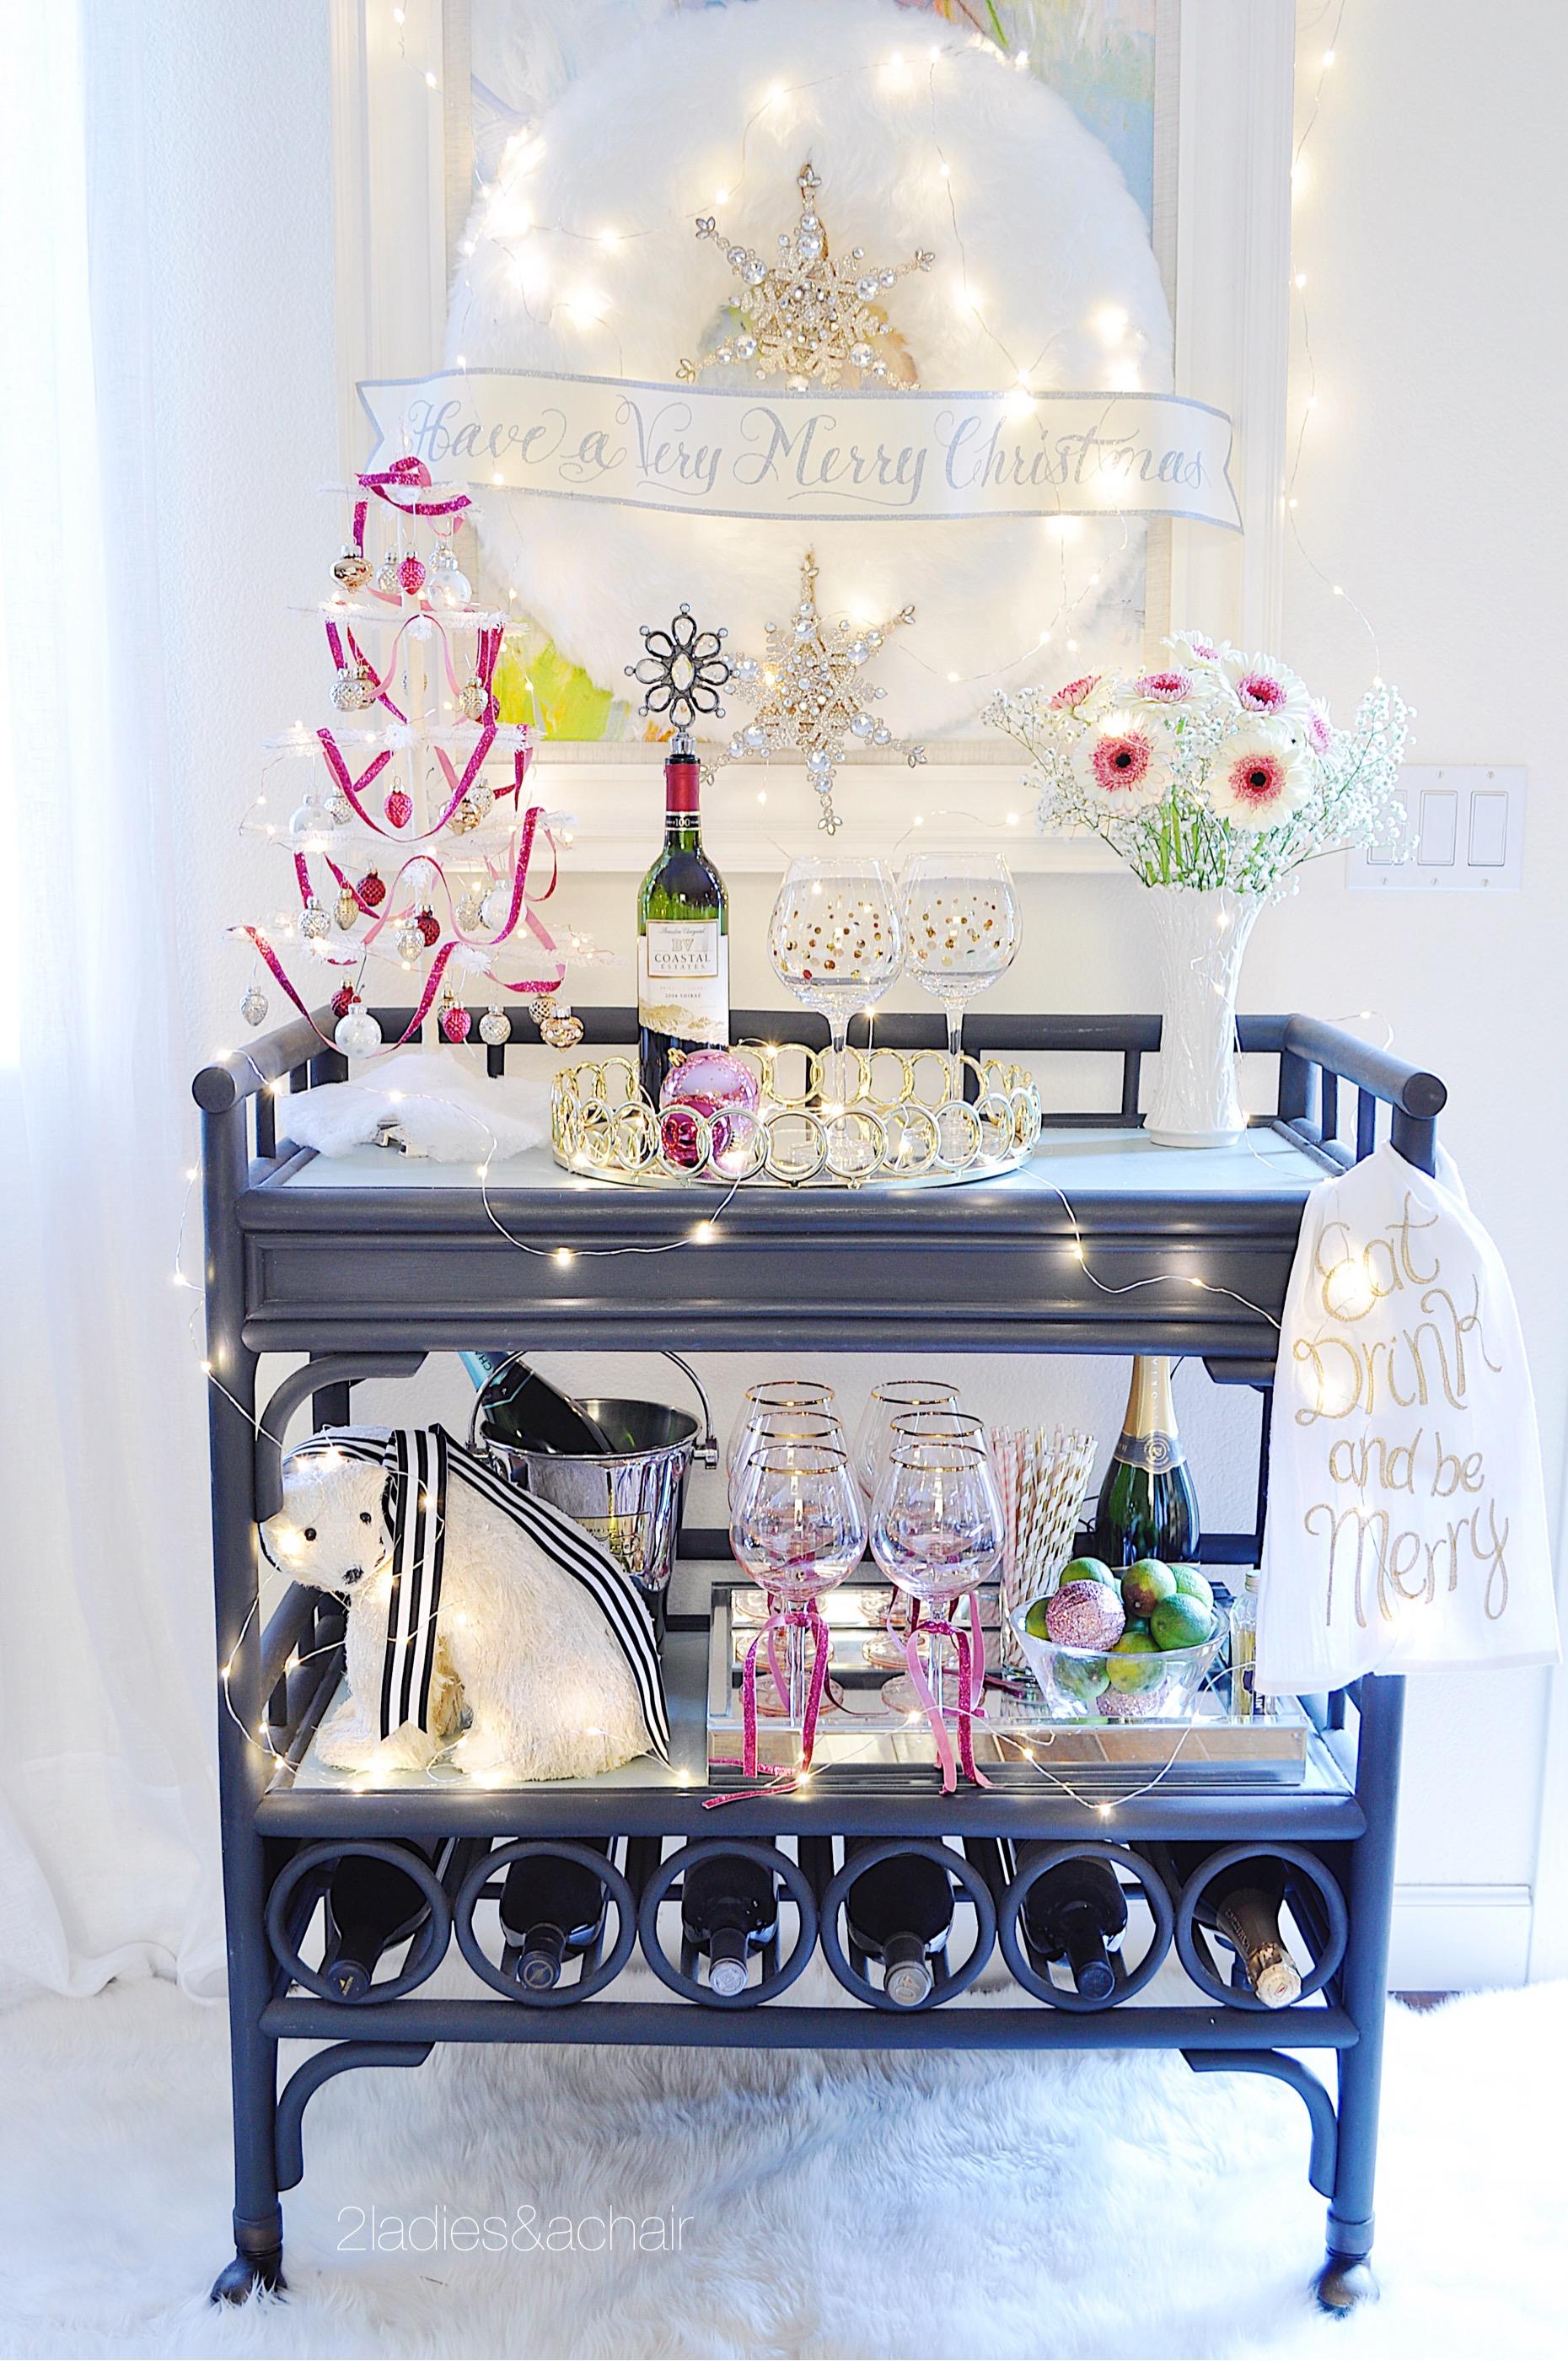 christmas gift ideas for bar cart IMG_8824.JPG